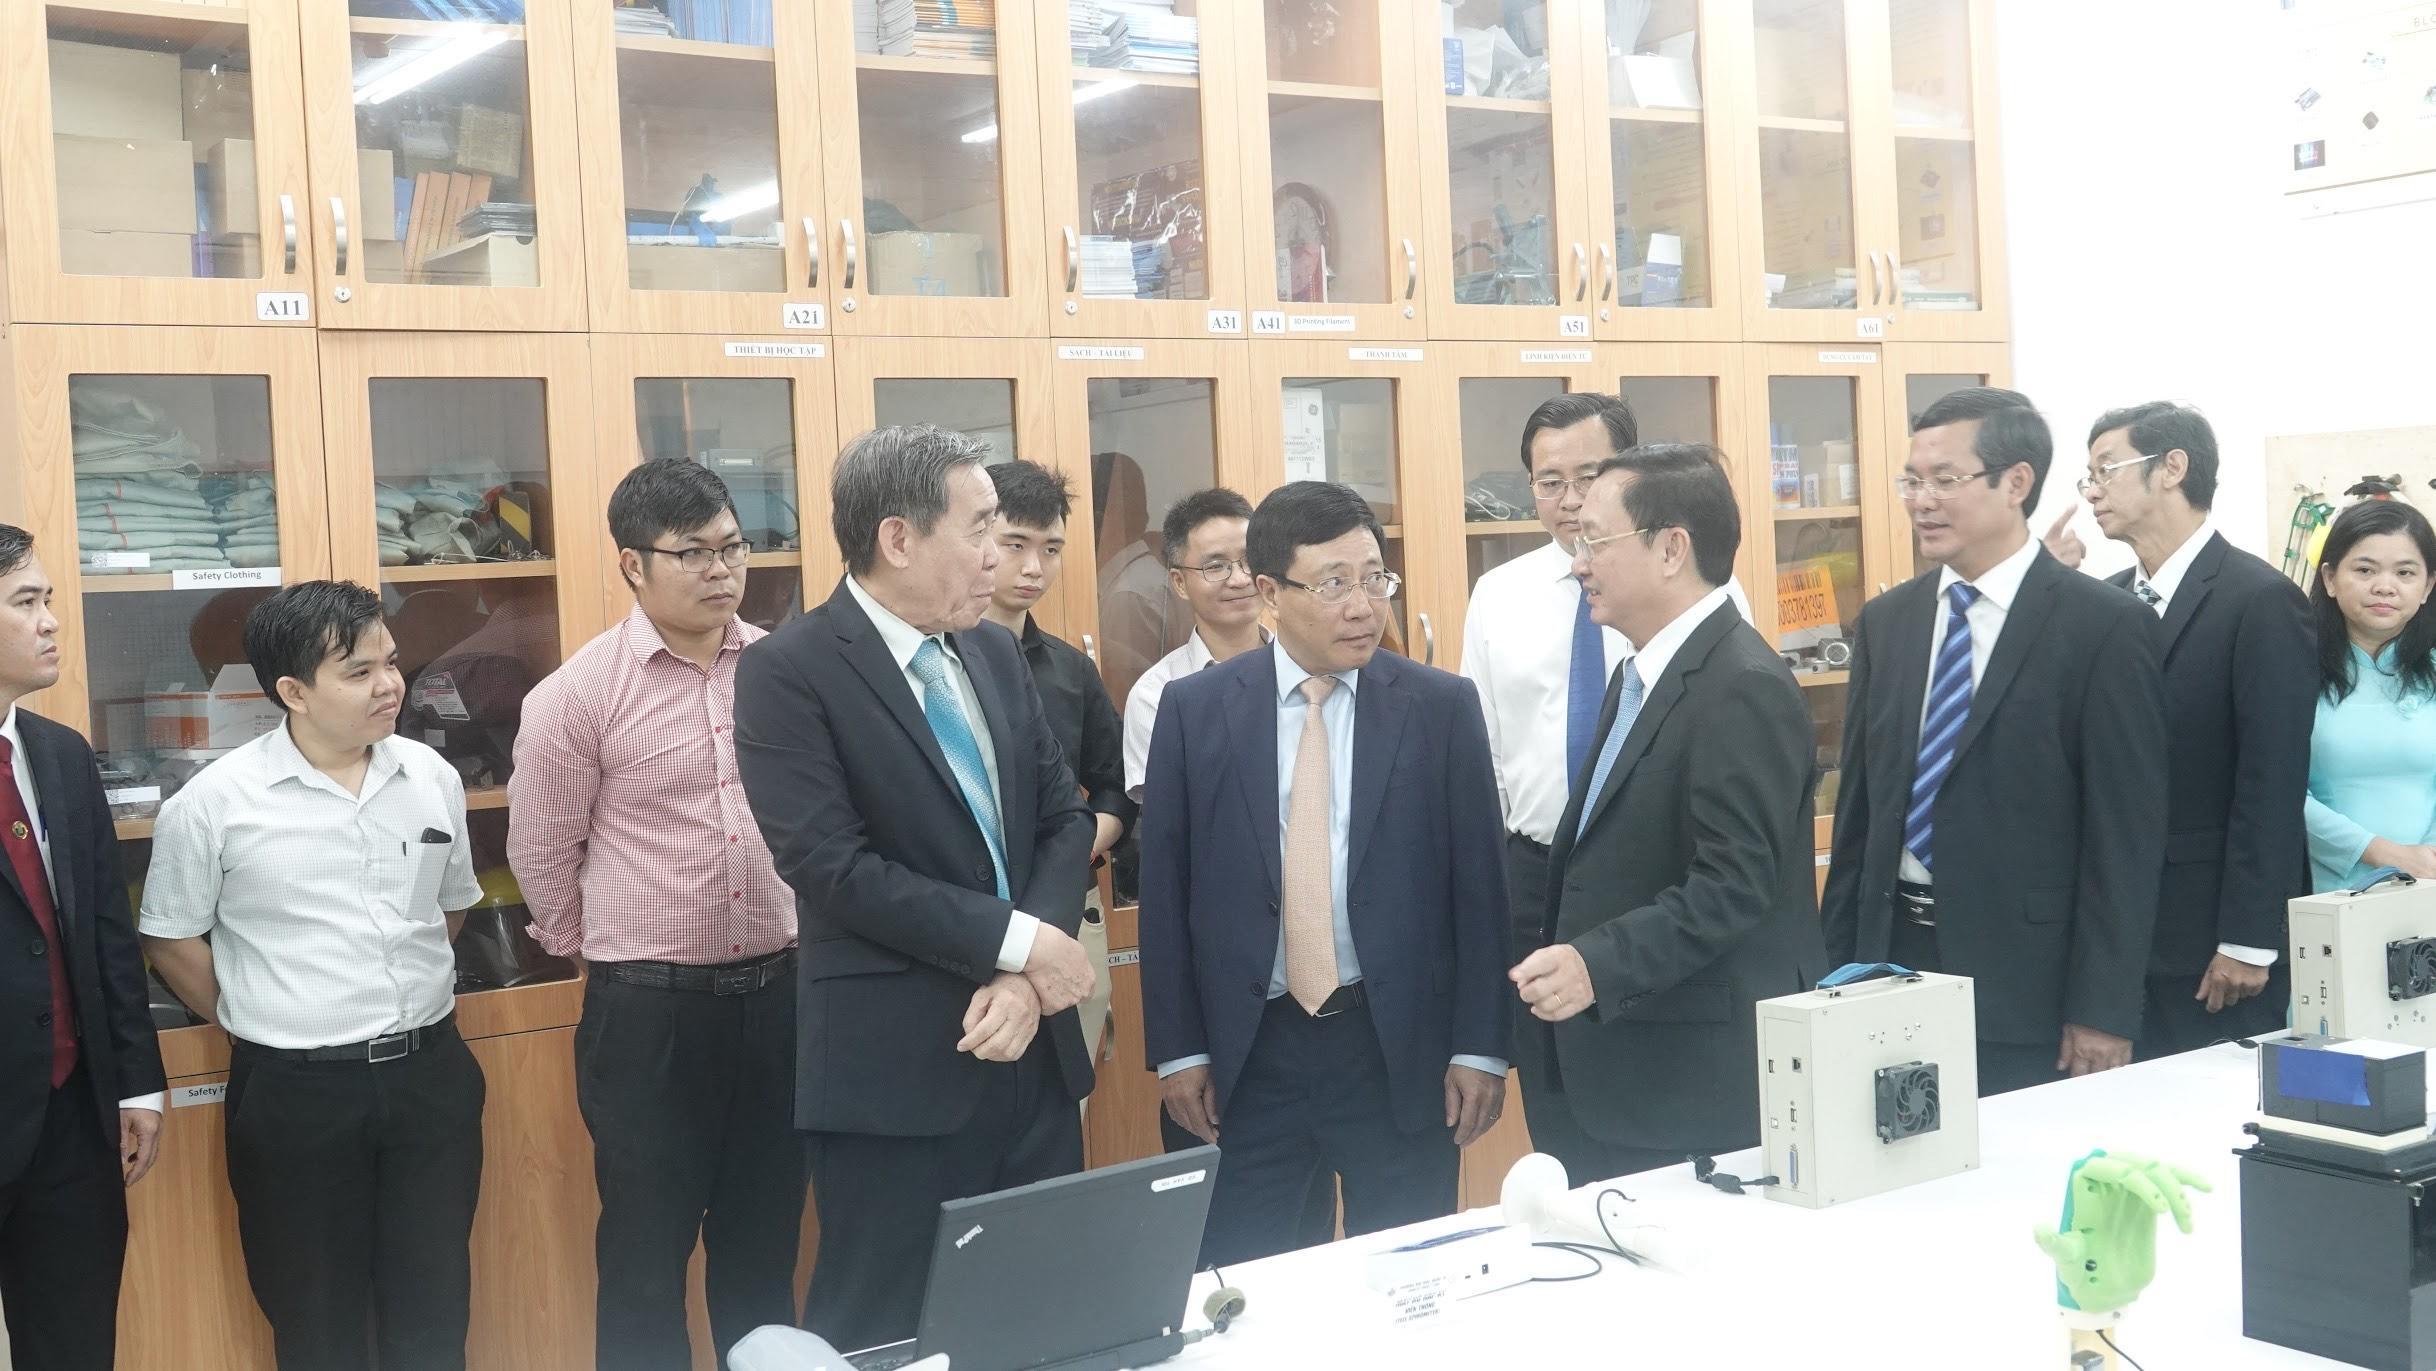 Phó Thủ tướng Phạm Bình Minh và PGS. TS. Huỳnh Thành Đạt trao đổi về phương cách chuyển giao công nghệ để vượt qua những khó khăn của cơ chế hiện tại hầu nhanh chóng đưa các sản phẩm của Khoa KTYS vào thị trường